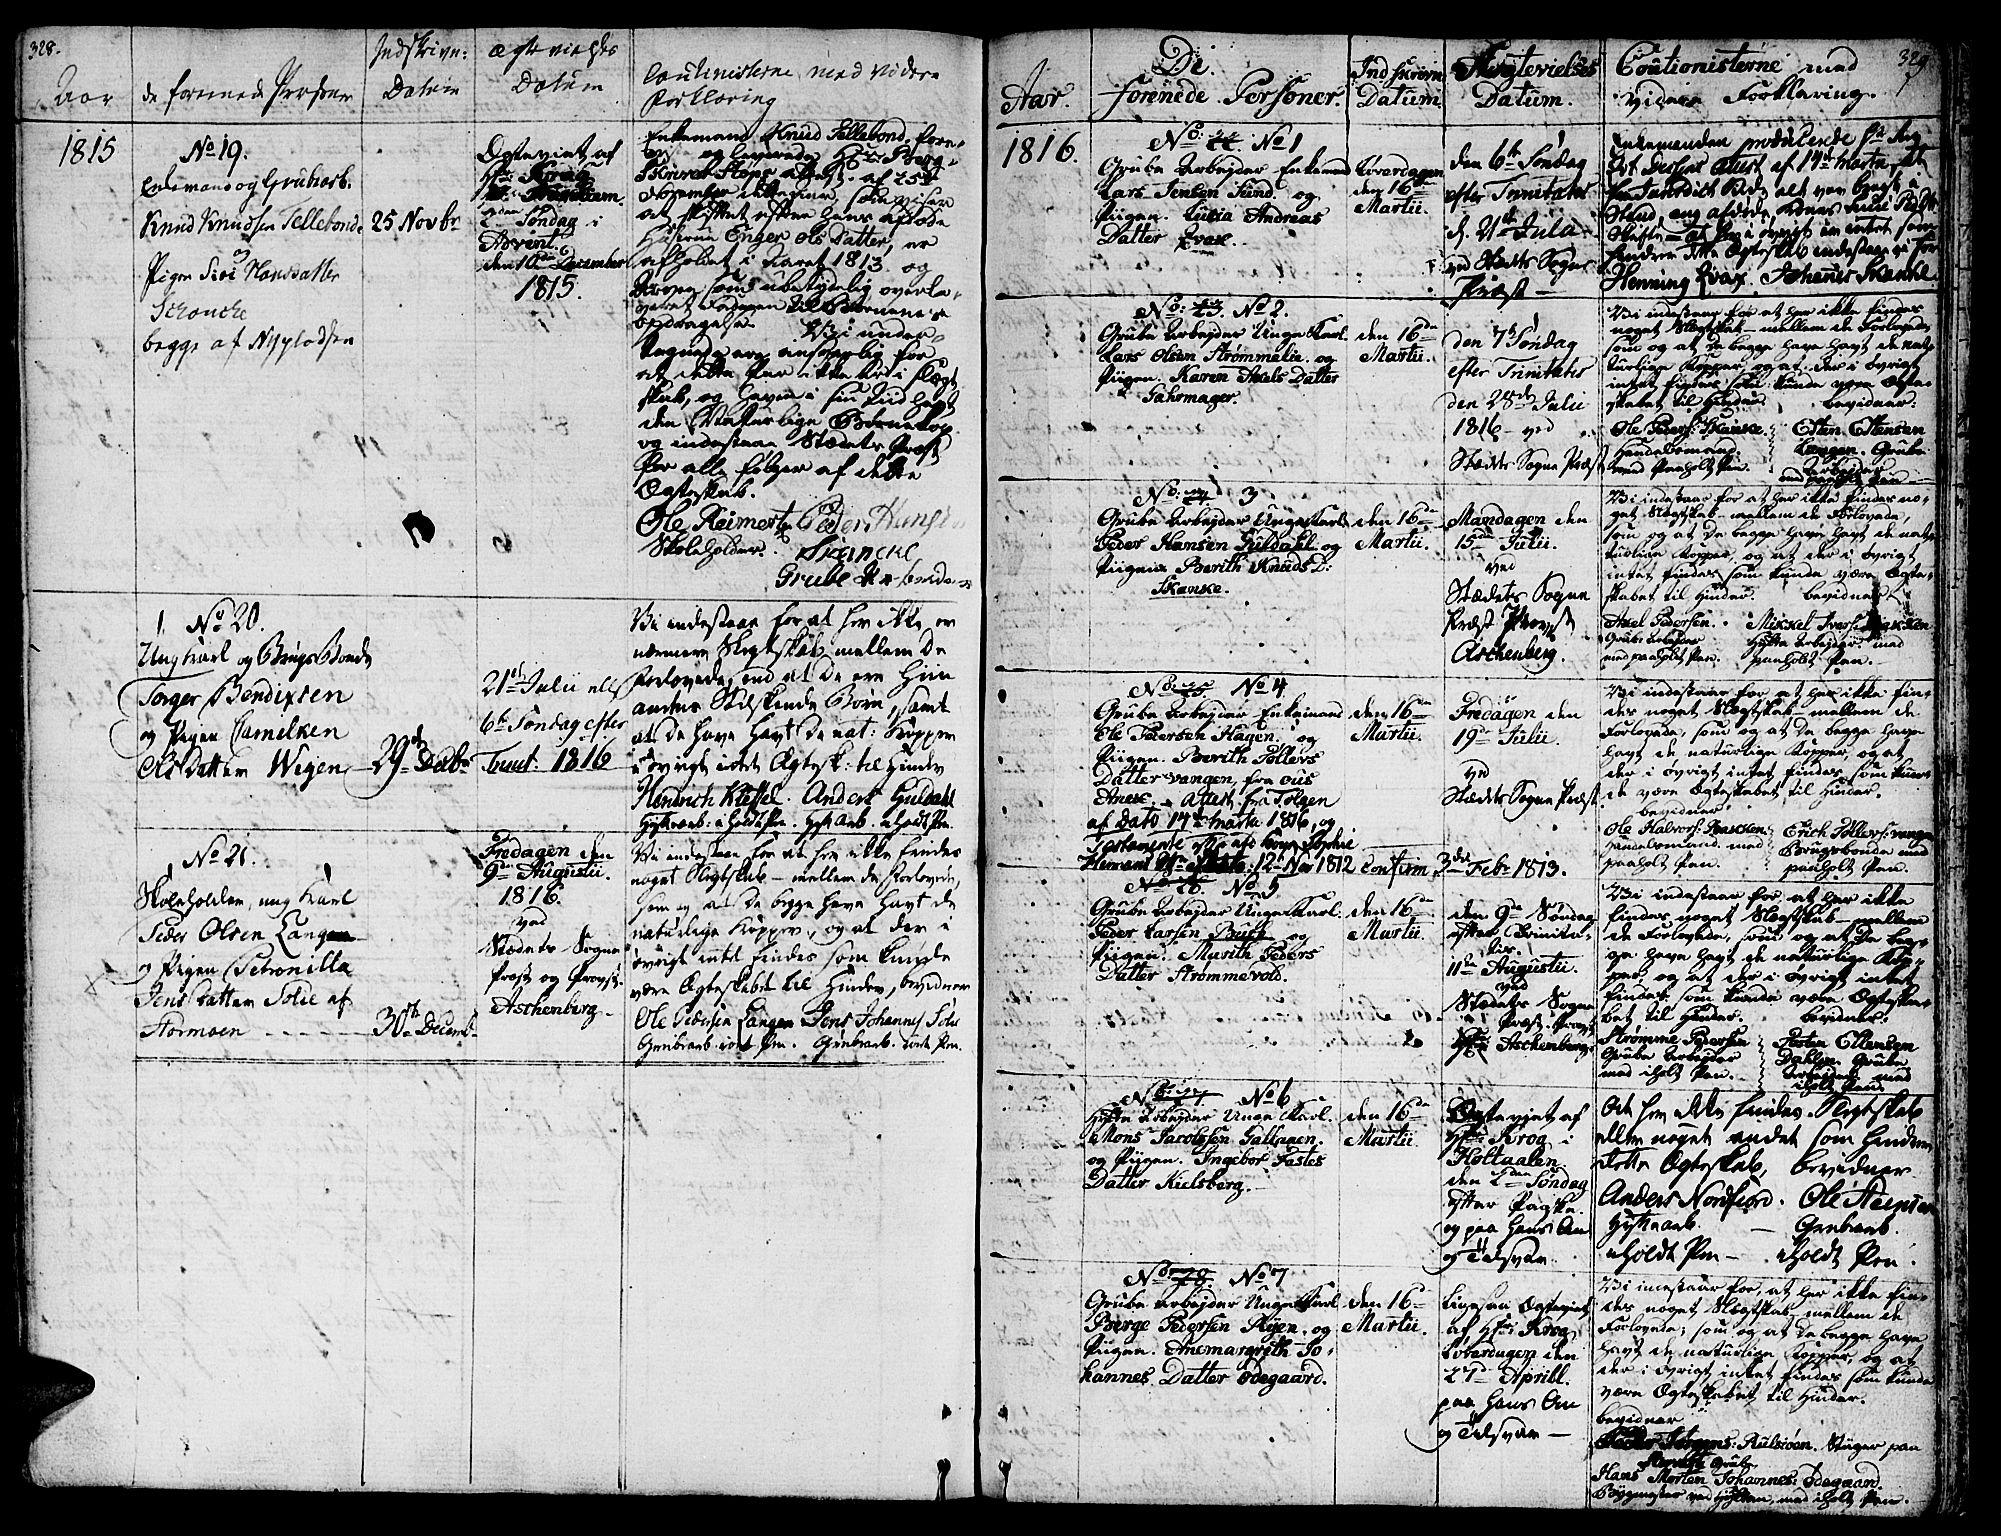 SAT, Ministerialprotokoller, klokkerbøker og fødselsregistre - Sør-Trøndelag, 681/L0928: Ministerialbok nr. 681A06, 1806-1816, s. 328-329